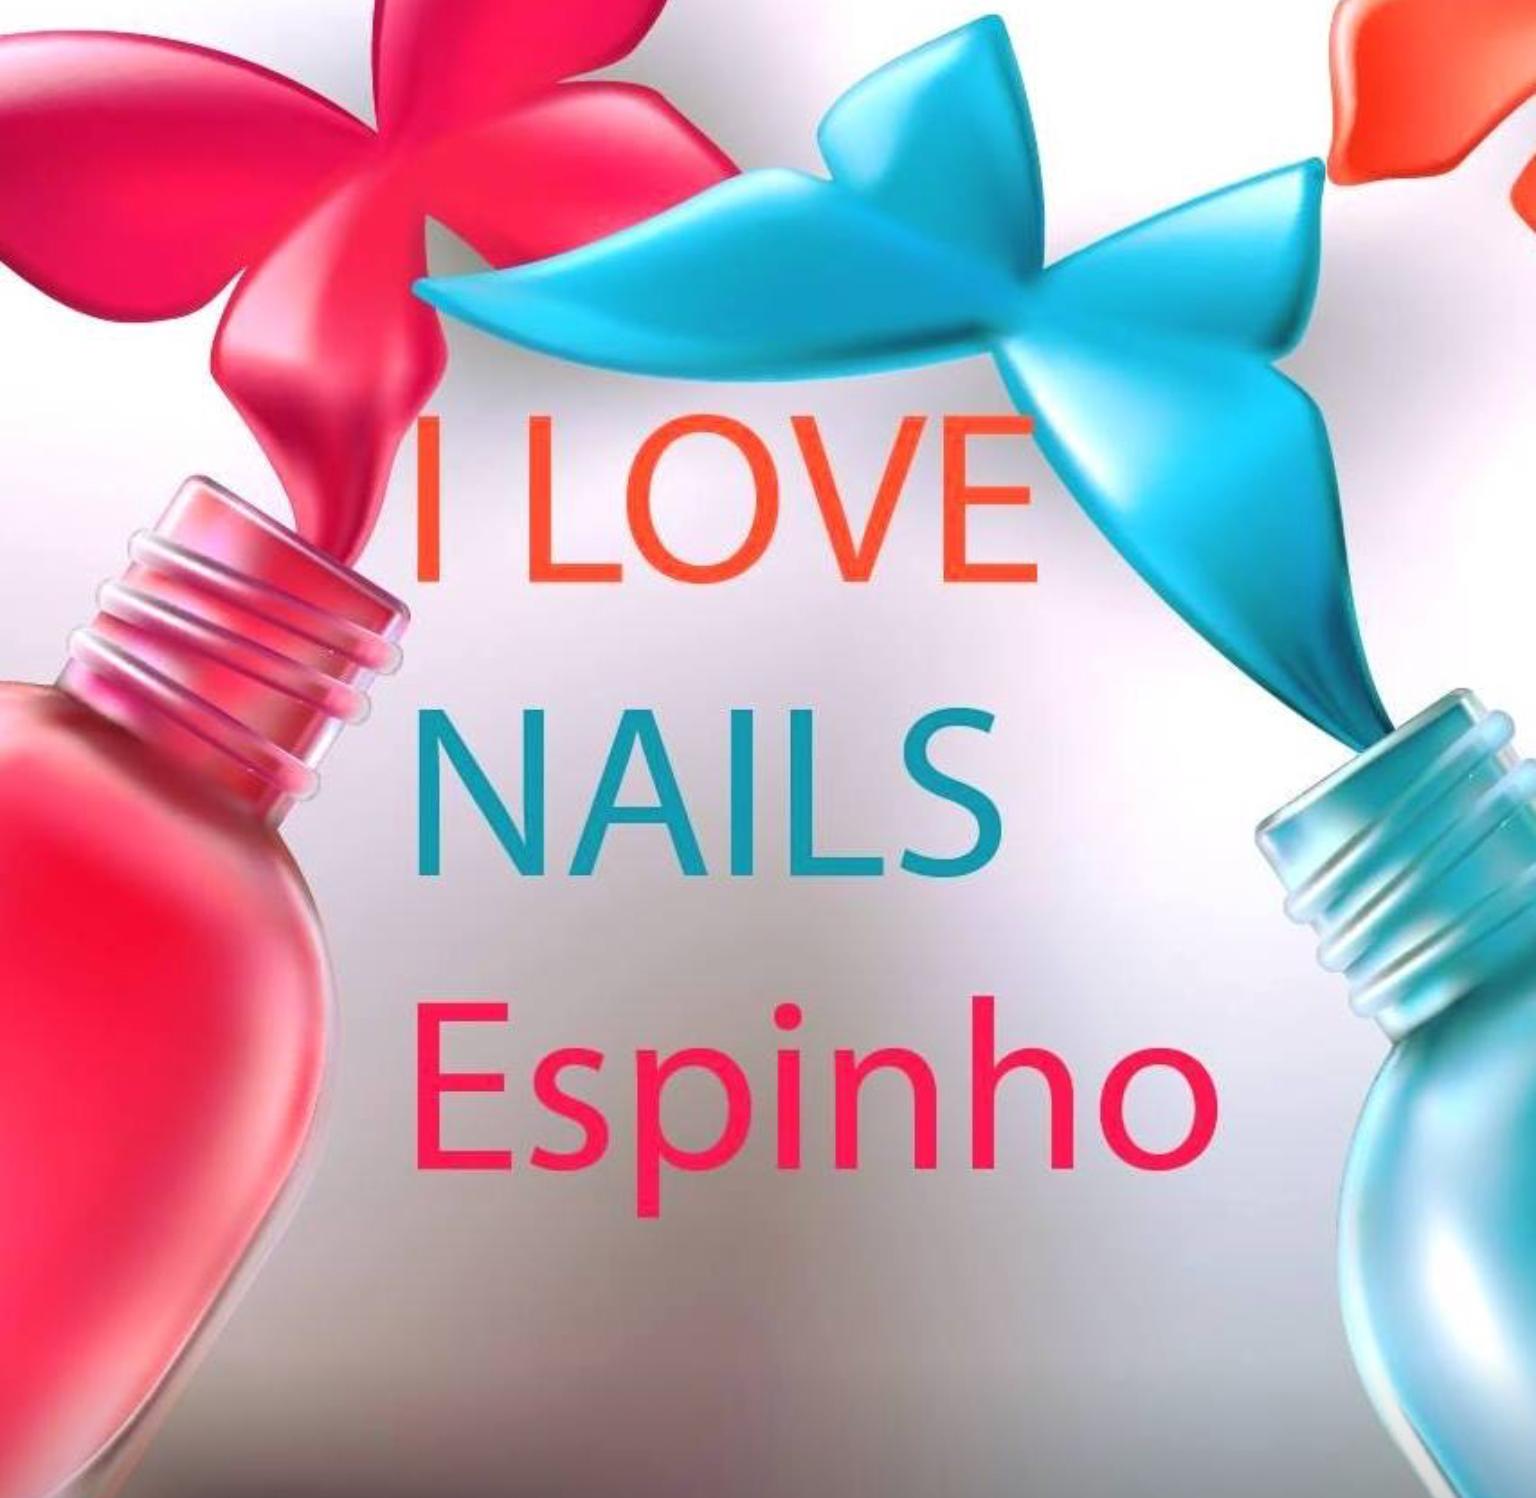 I Love Nails Espinho